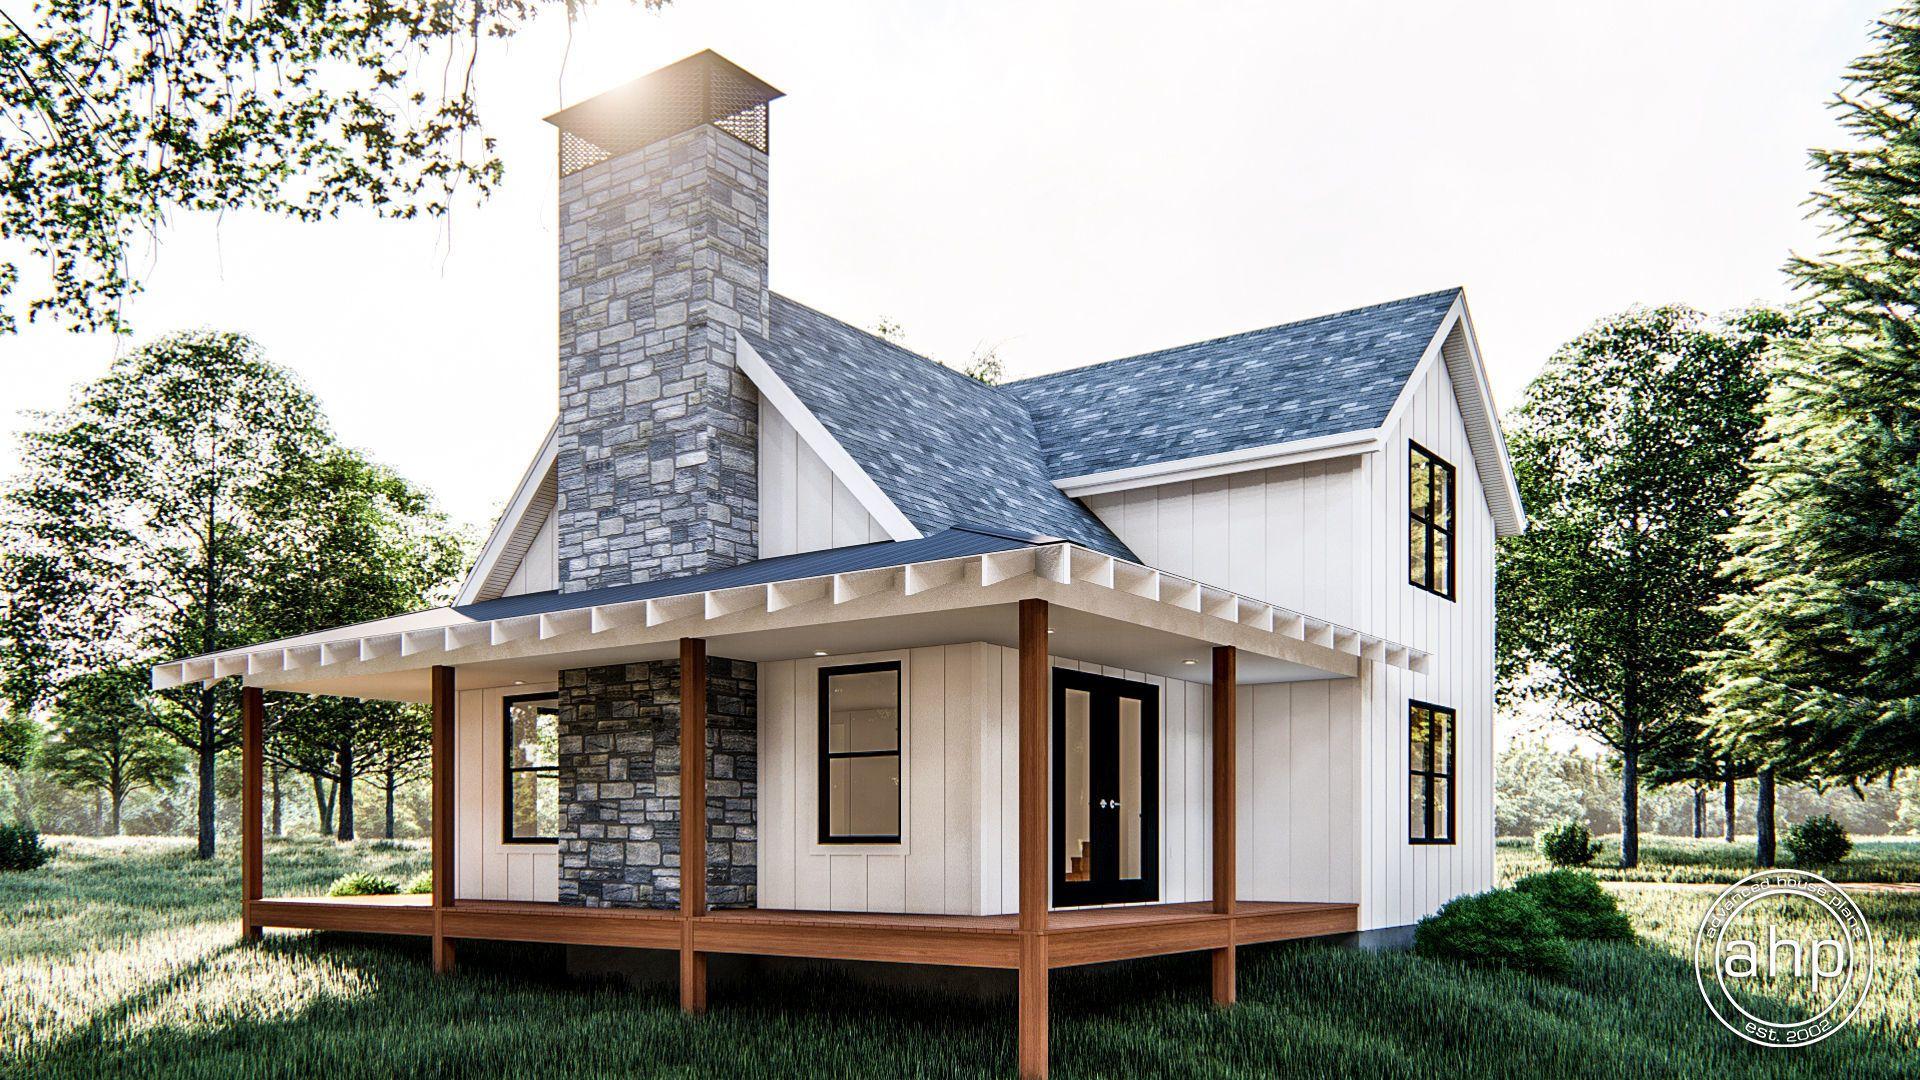 Lilly Cabin Modern Farmhouse House Plan | House plans farmhouse ...